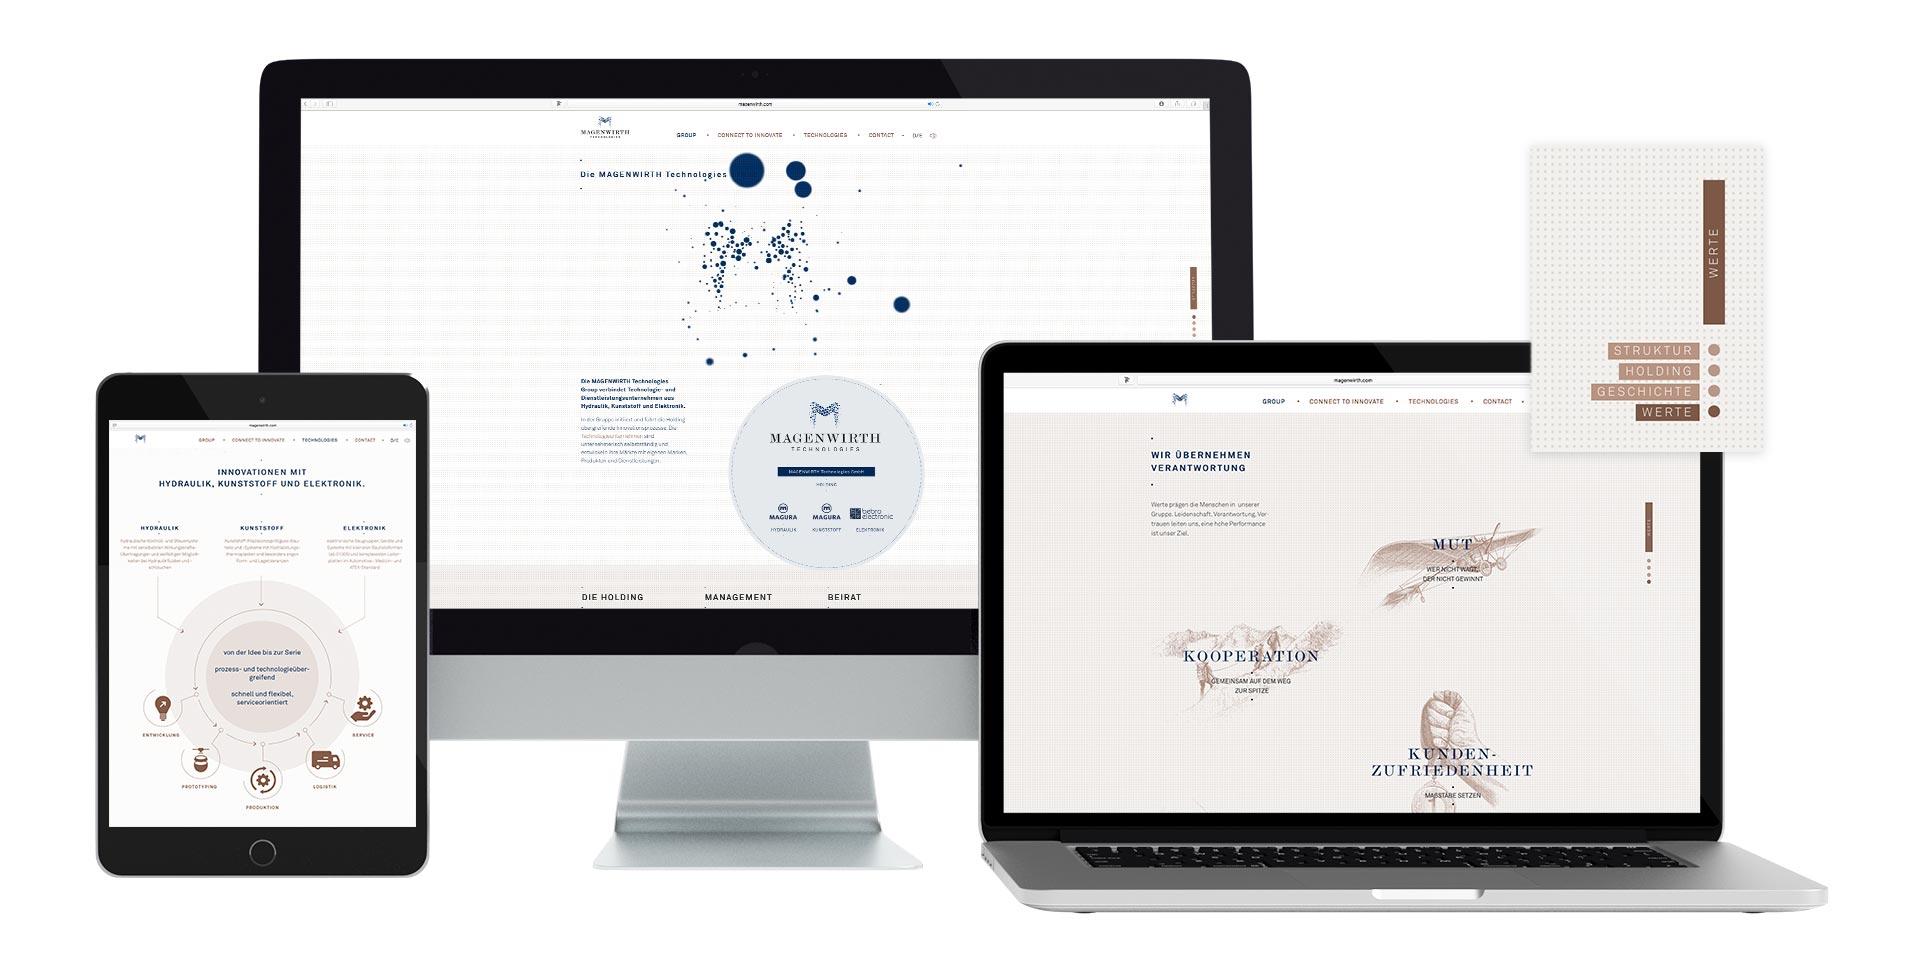 magenwirth-technologies pc-laptop-tablet polarwerk